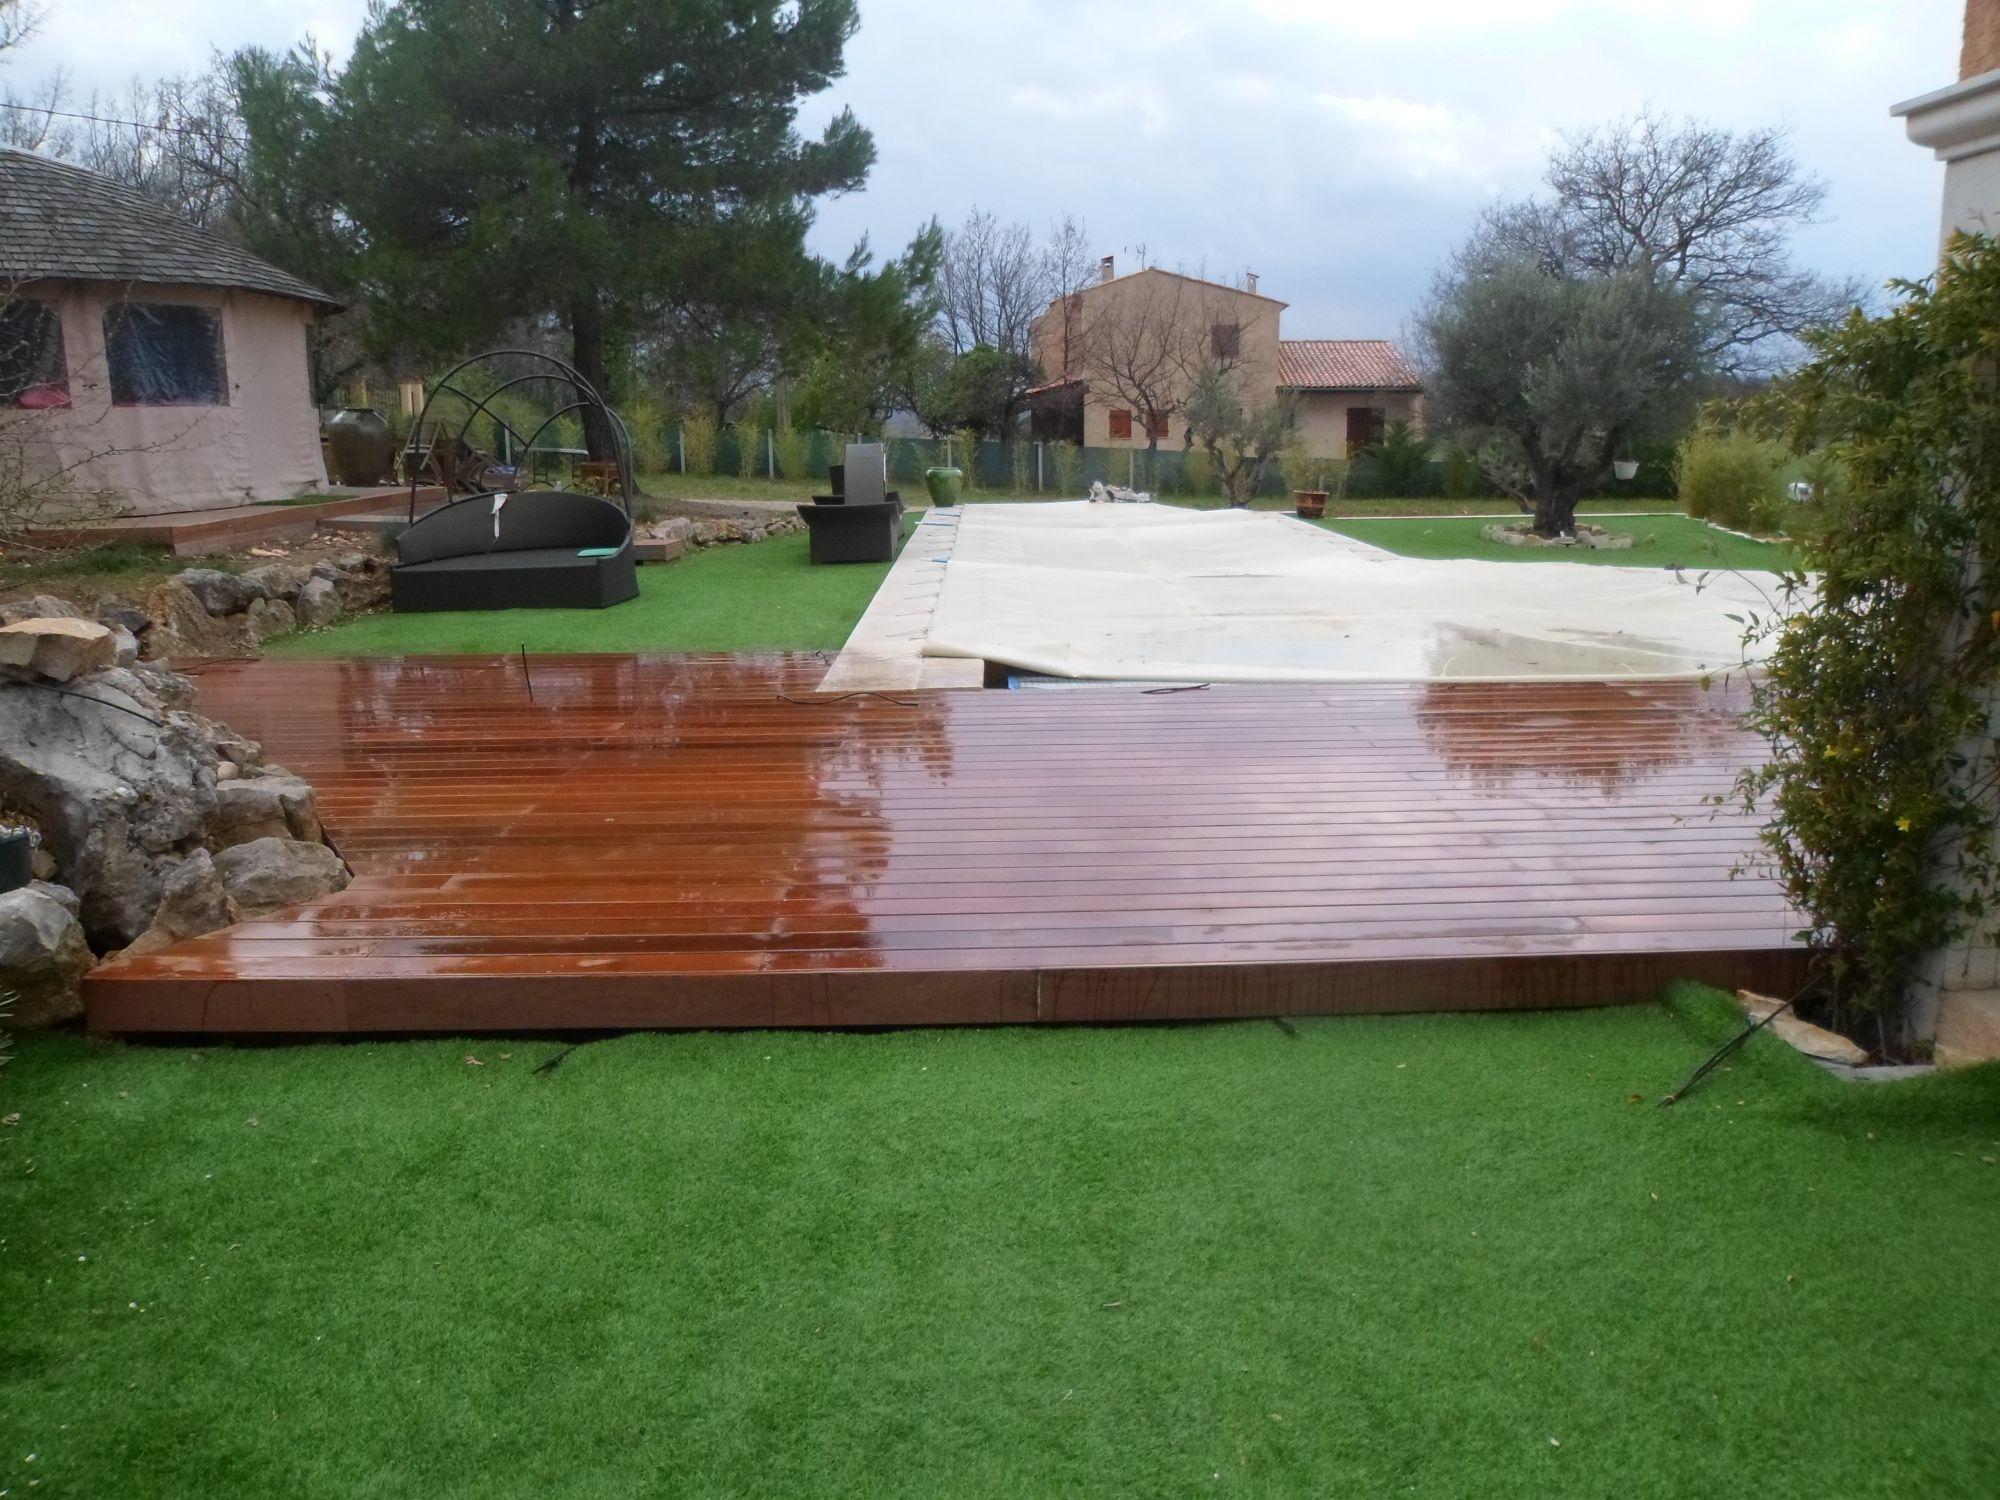 Plage de piscine dans le var la verdi re jardinier for Piscine st maximin